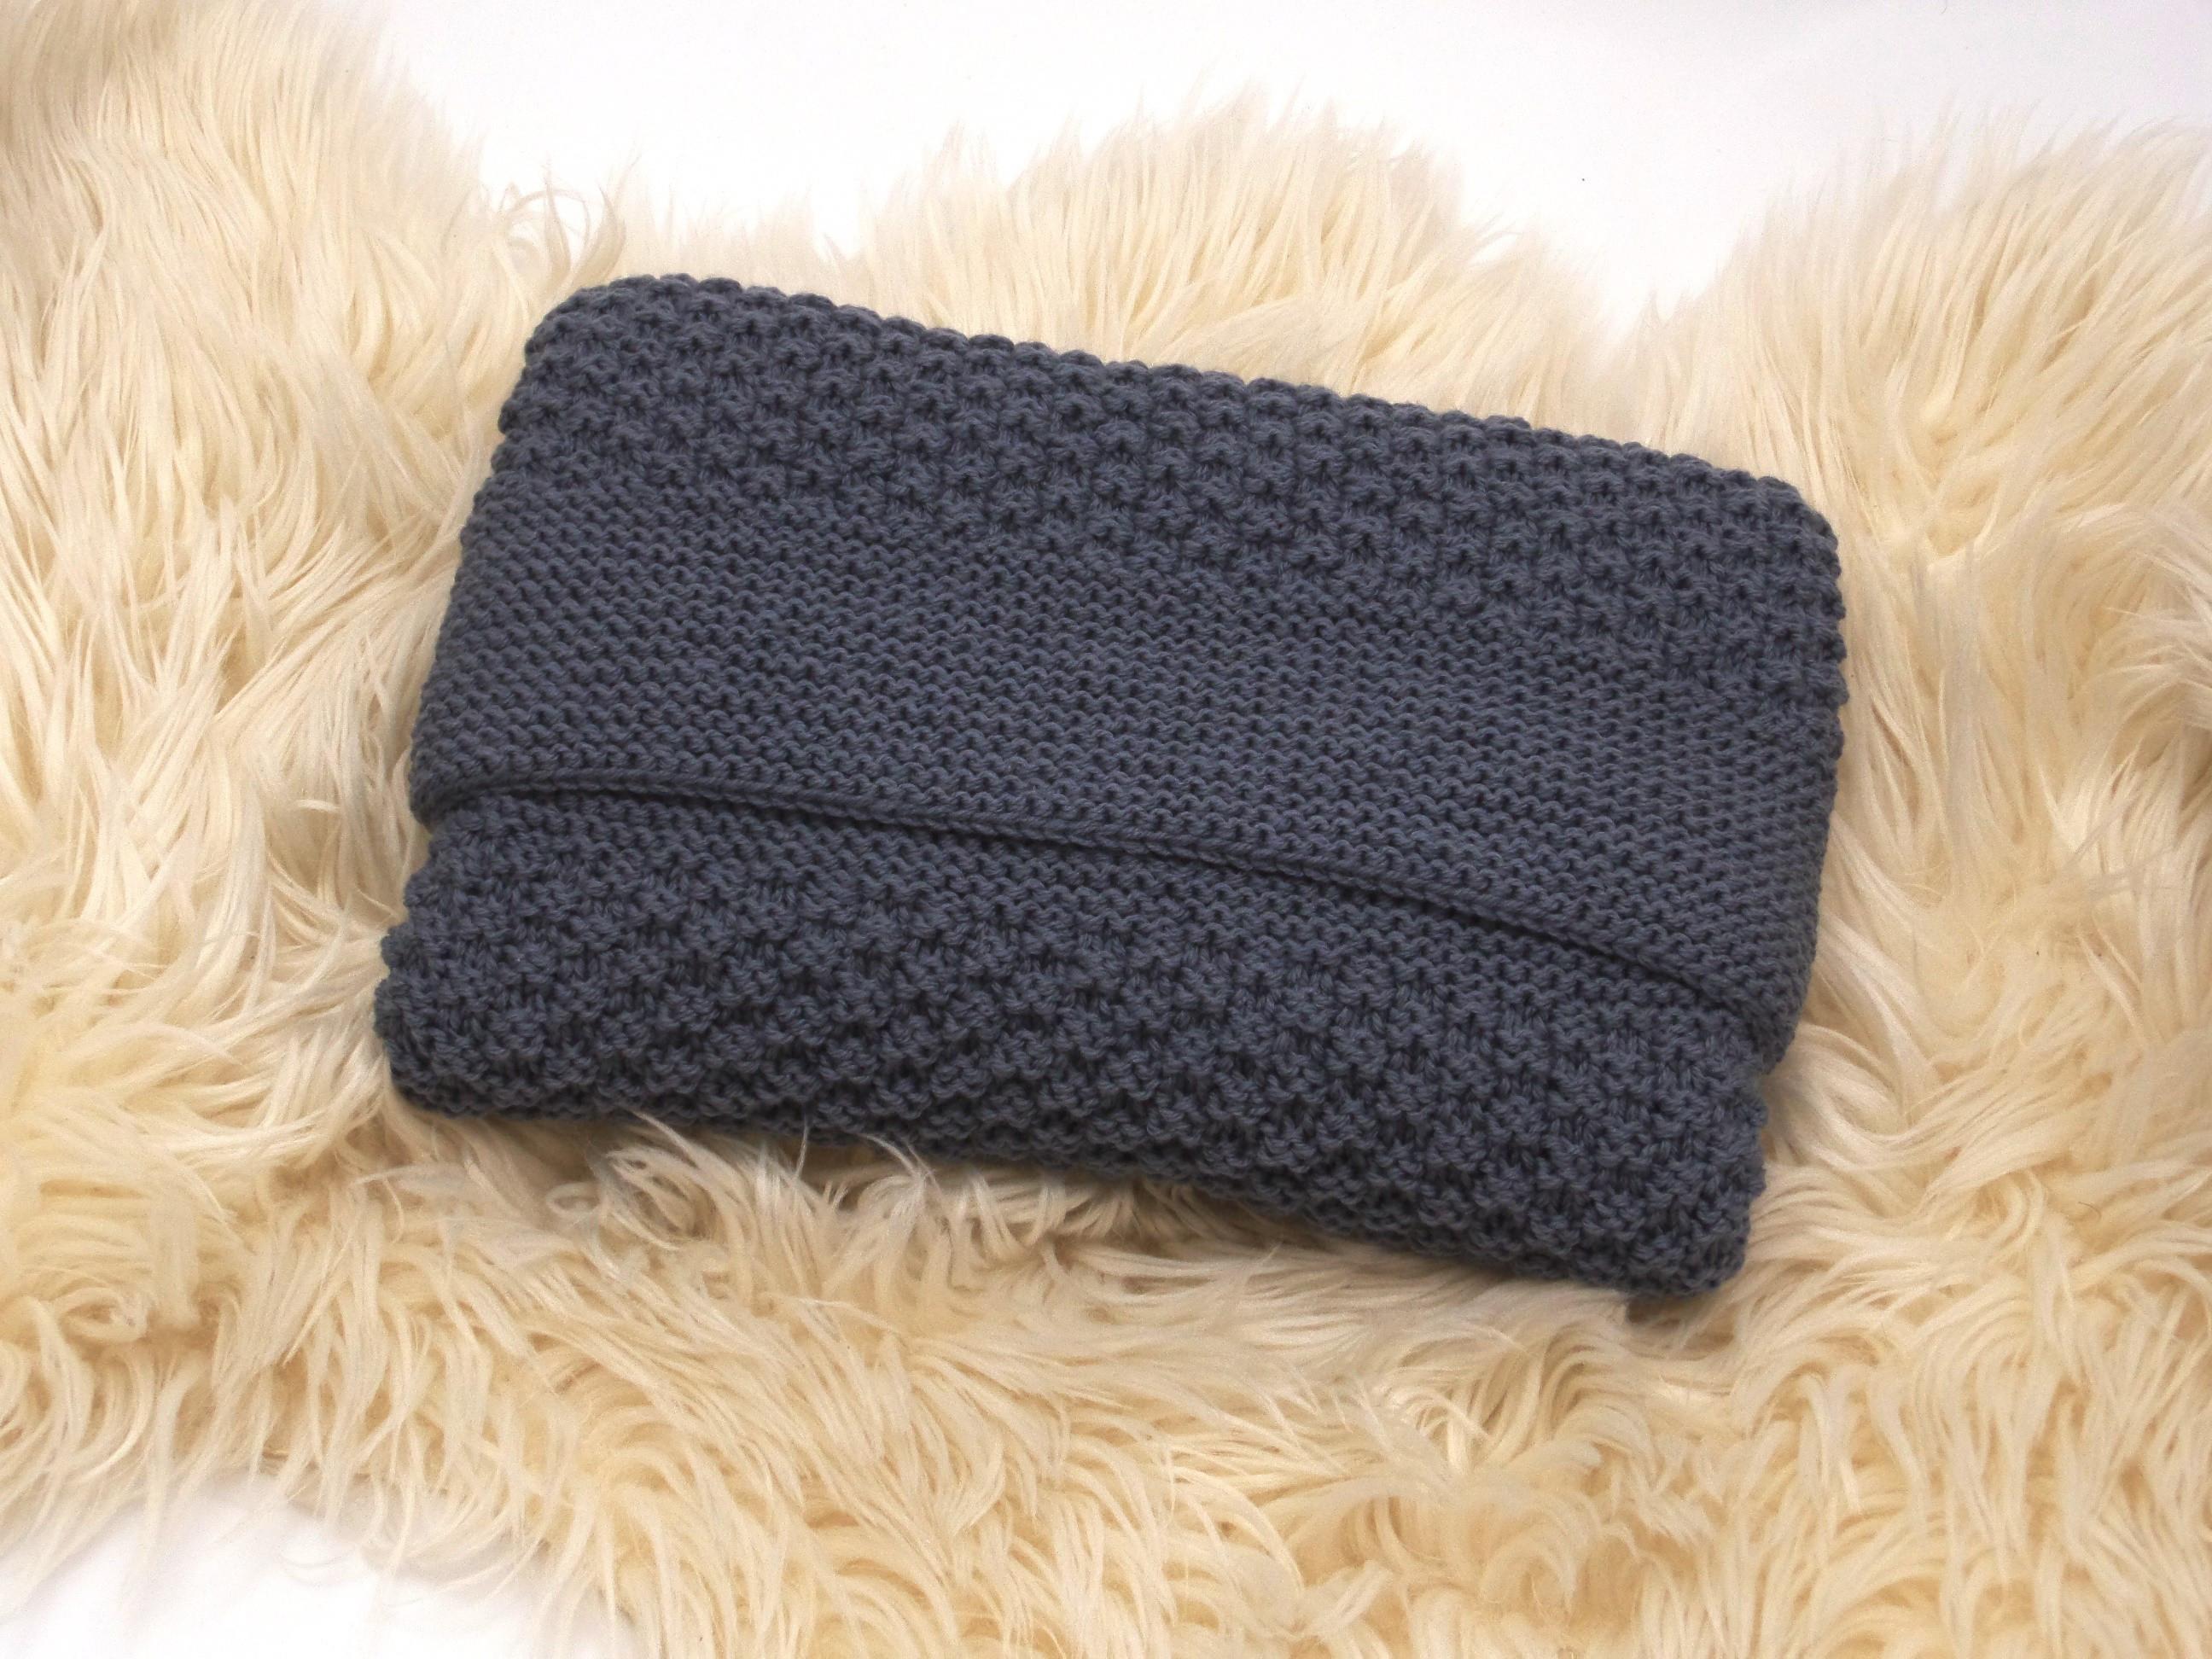 couverture bébé en laine couverture épaisse anthracite bébé tricotée main laine mérinos couverture bébé en laine